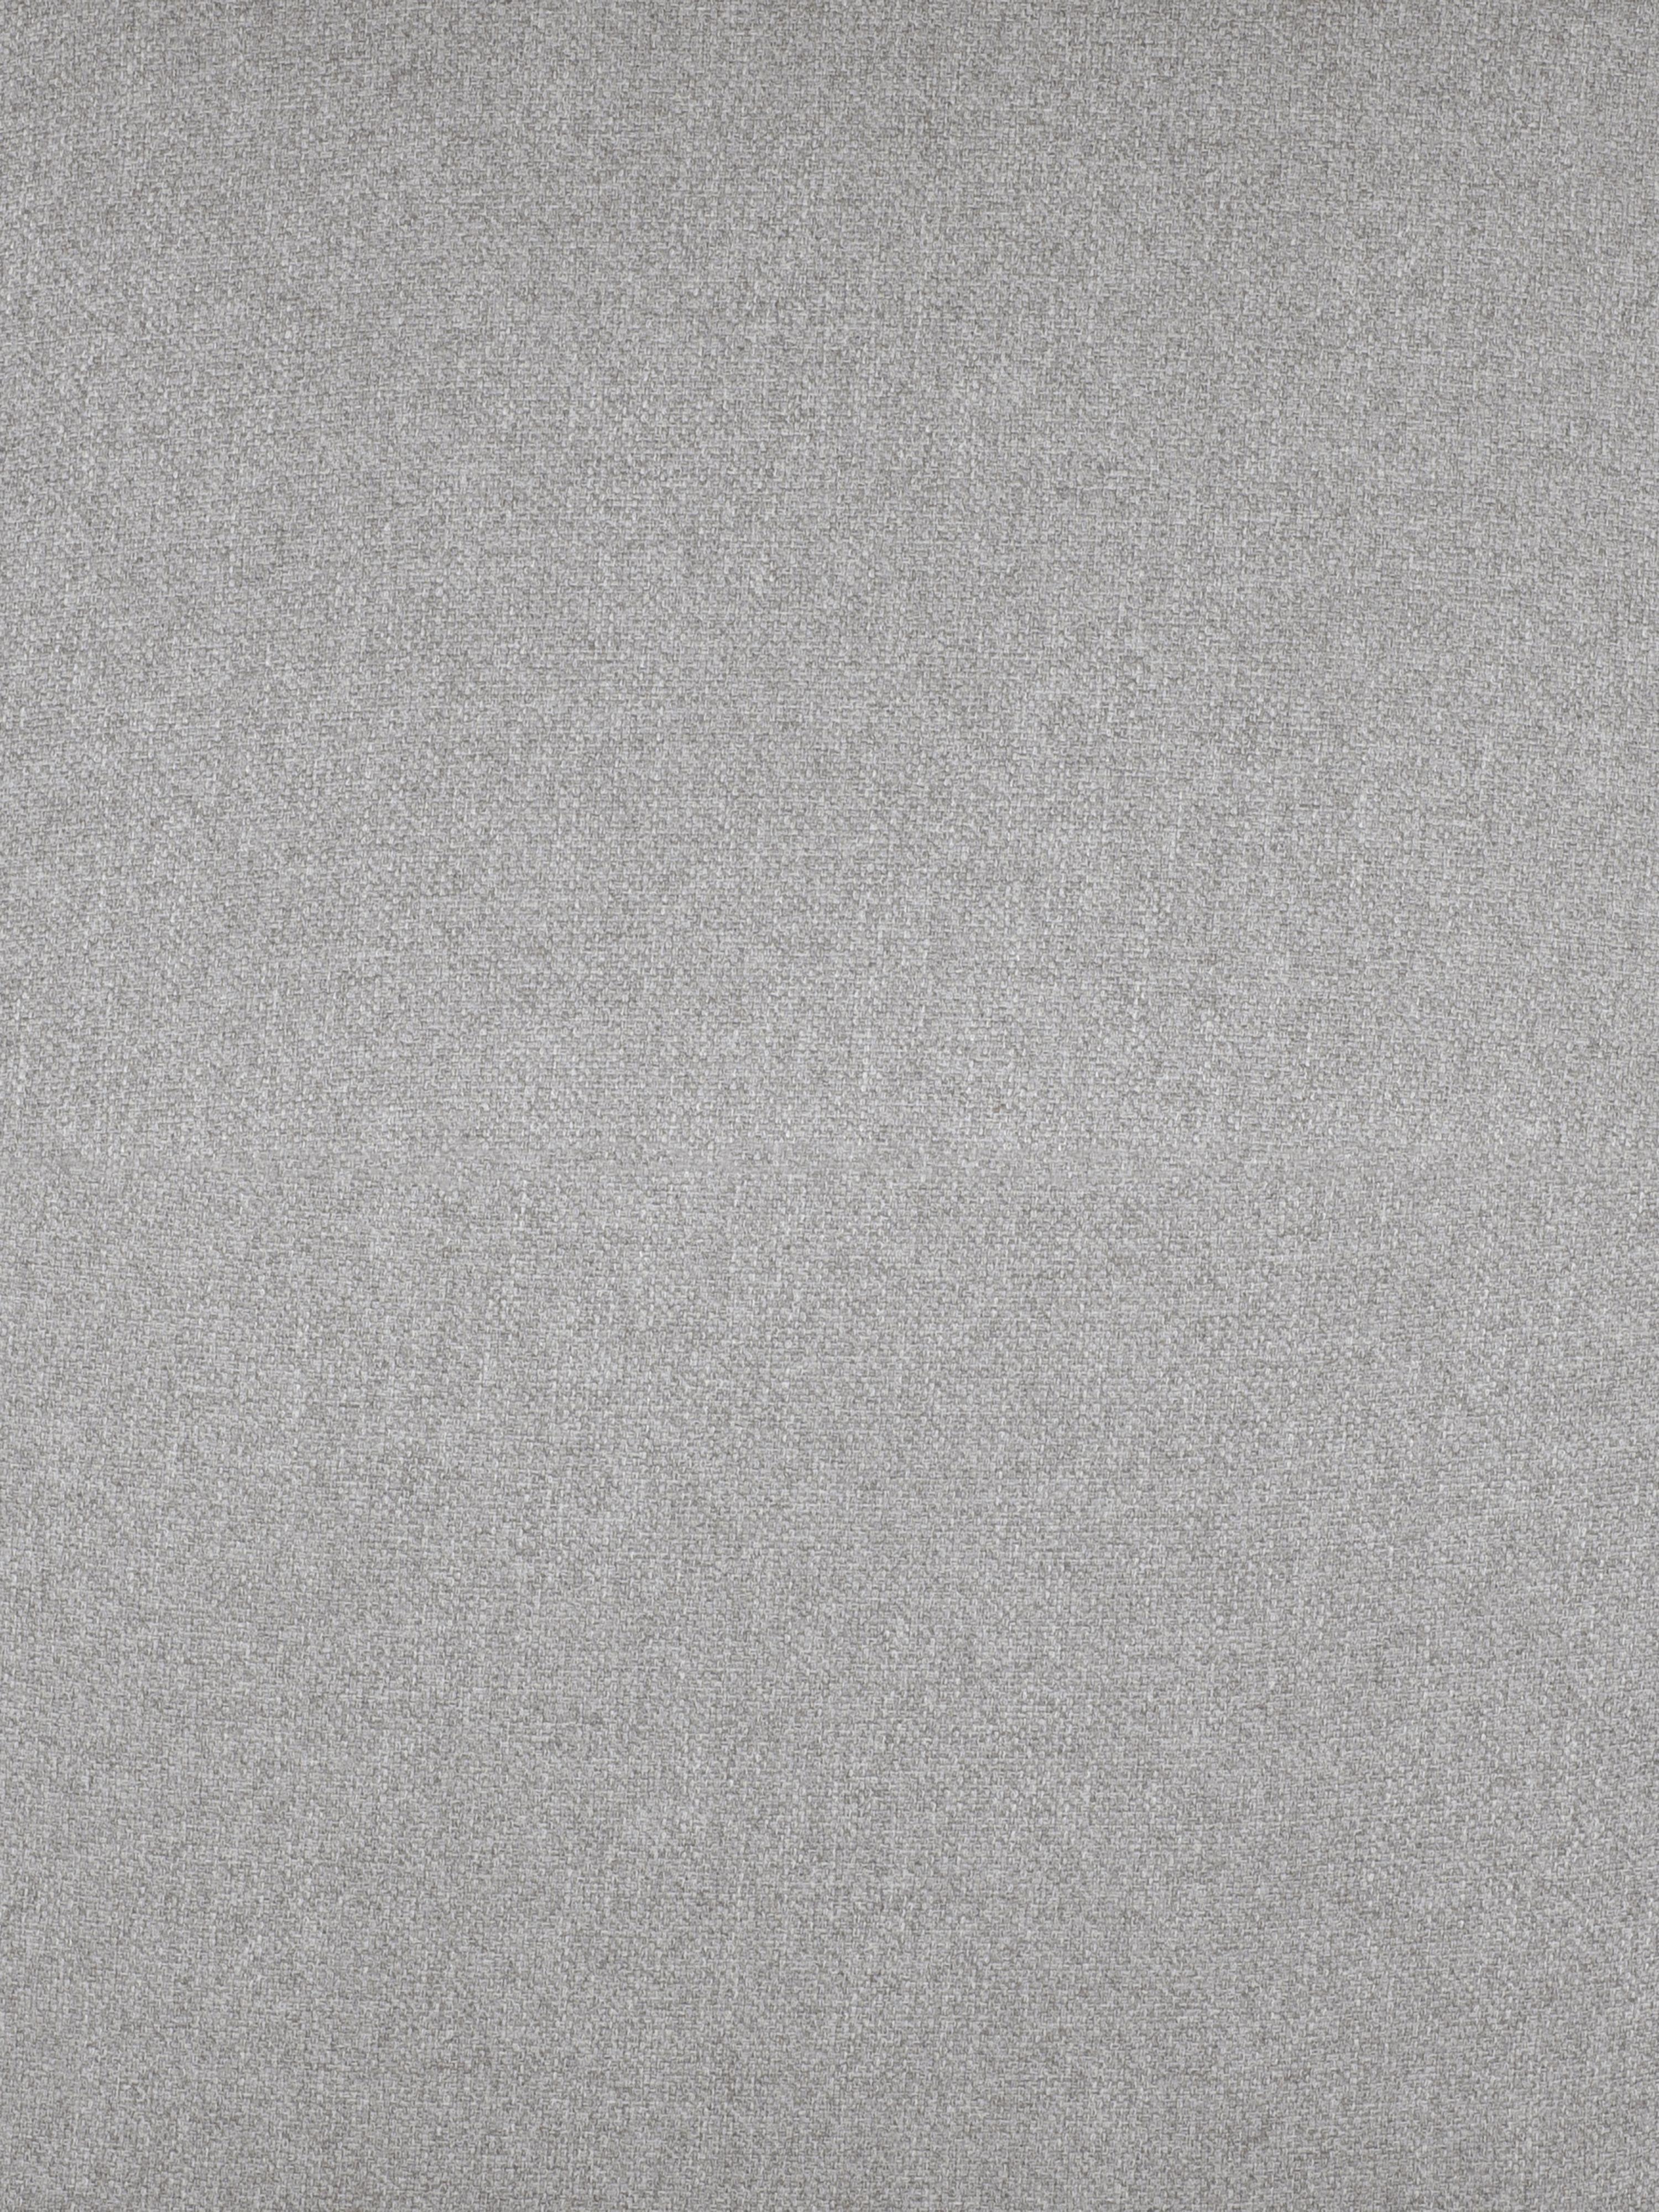 Divano angolare in tessuto grigio chiaro Fluente, Rivestimento: 80% poliestere, 20% Ramie, Struttura: legno di pino massiccio, Piedini: metallo, verniciato a pol, Tessuto grigio chiaro, Larg. 221 x Prof. 200 cm